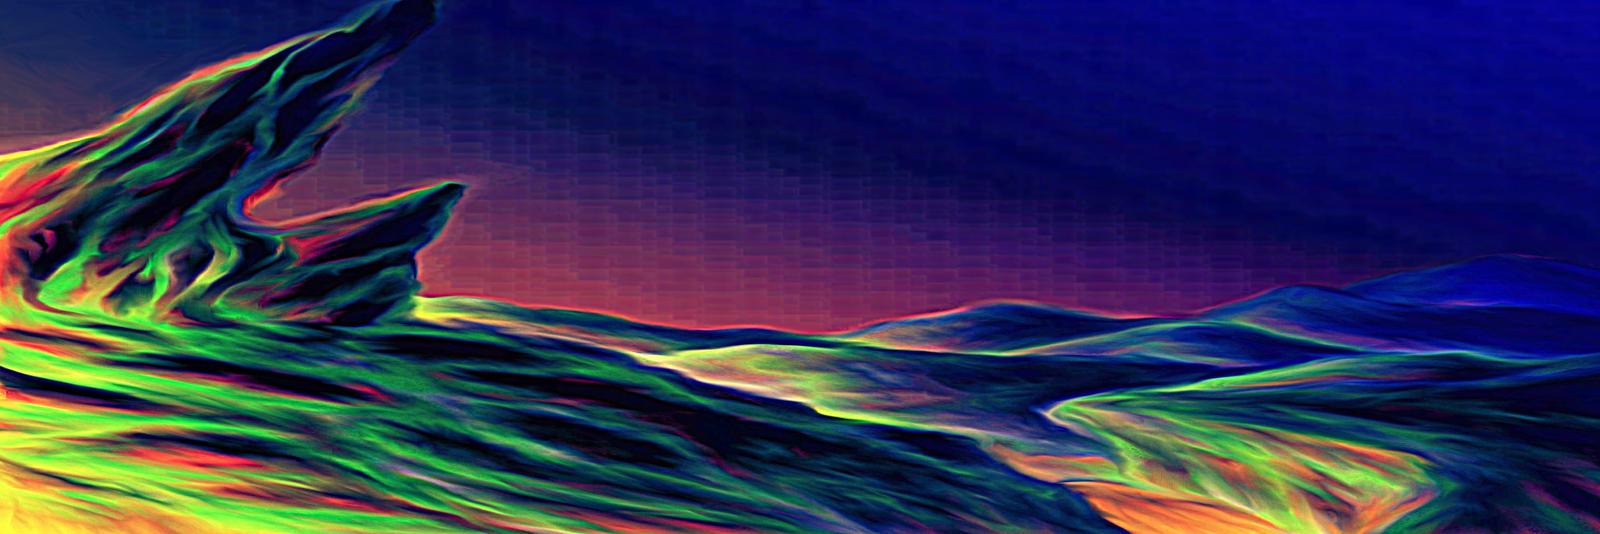 Fluids by Pyreshard